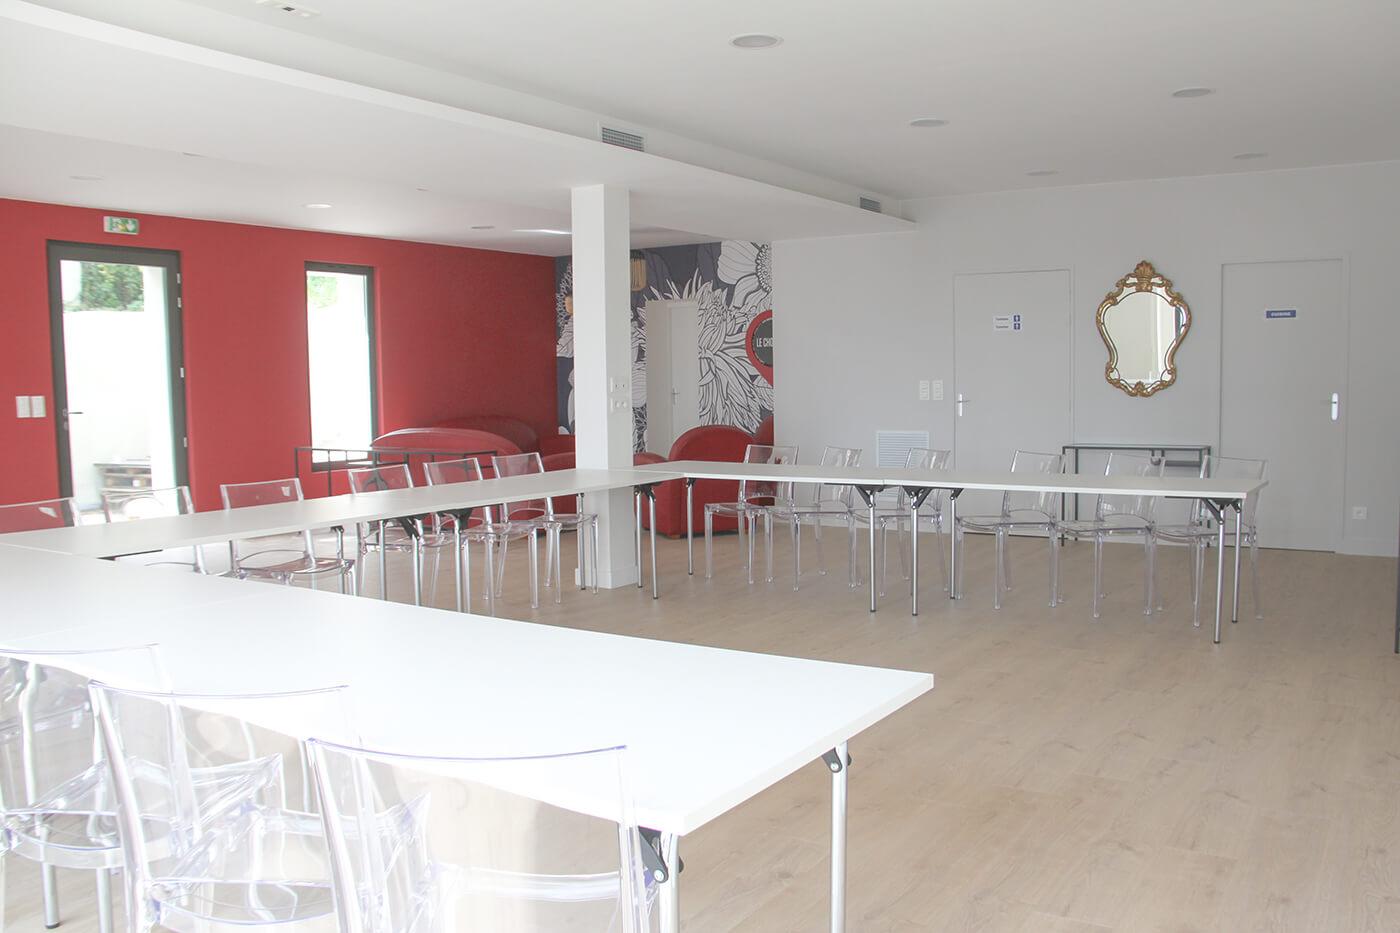 La salle de réunion : exemple de configuration des tables